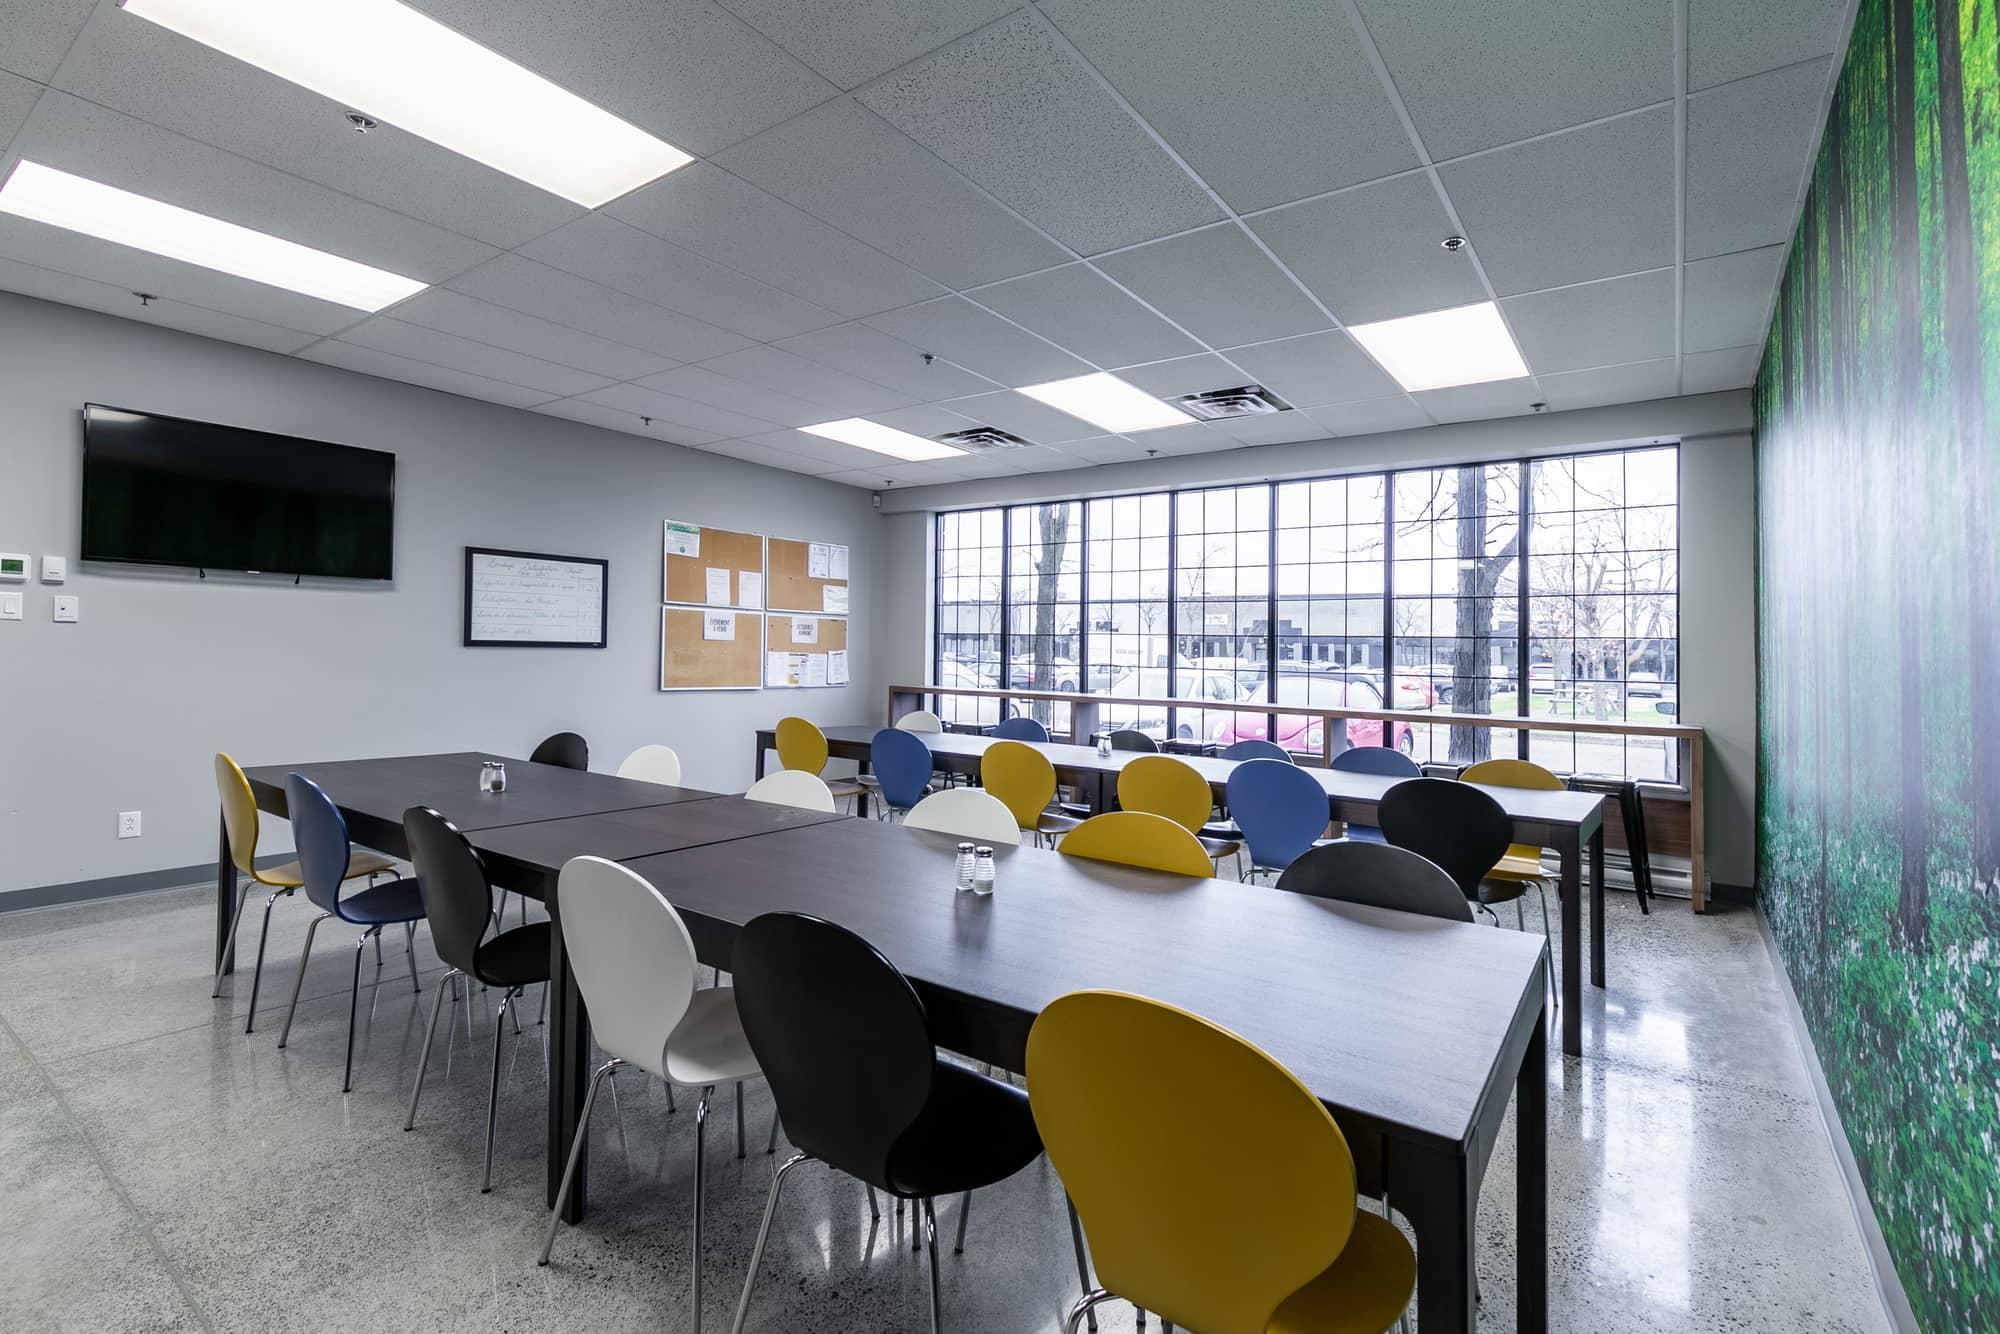 espace repas dans la cafétéria d'une entreprise avec chaises colorées